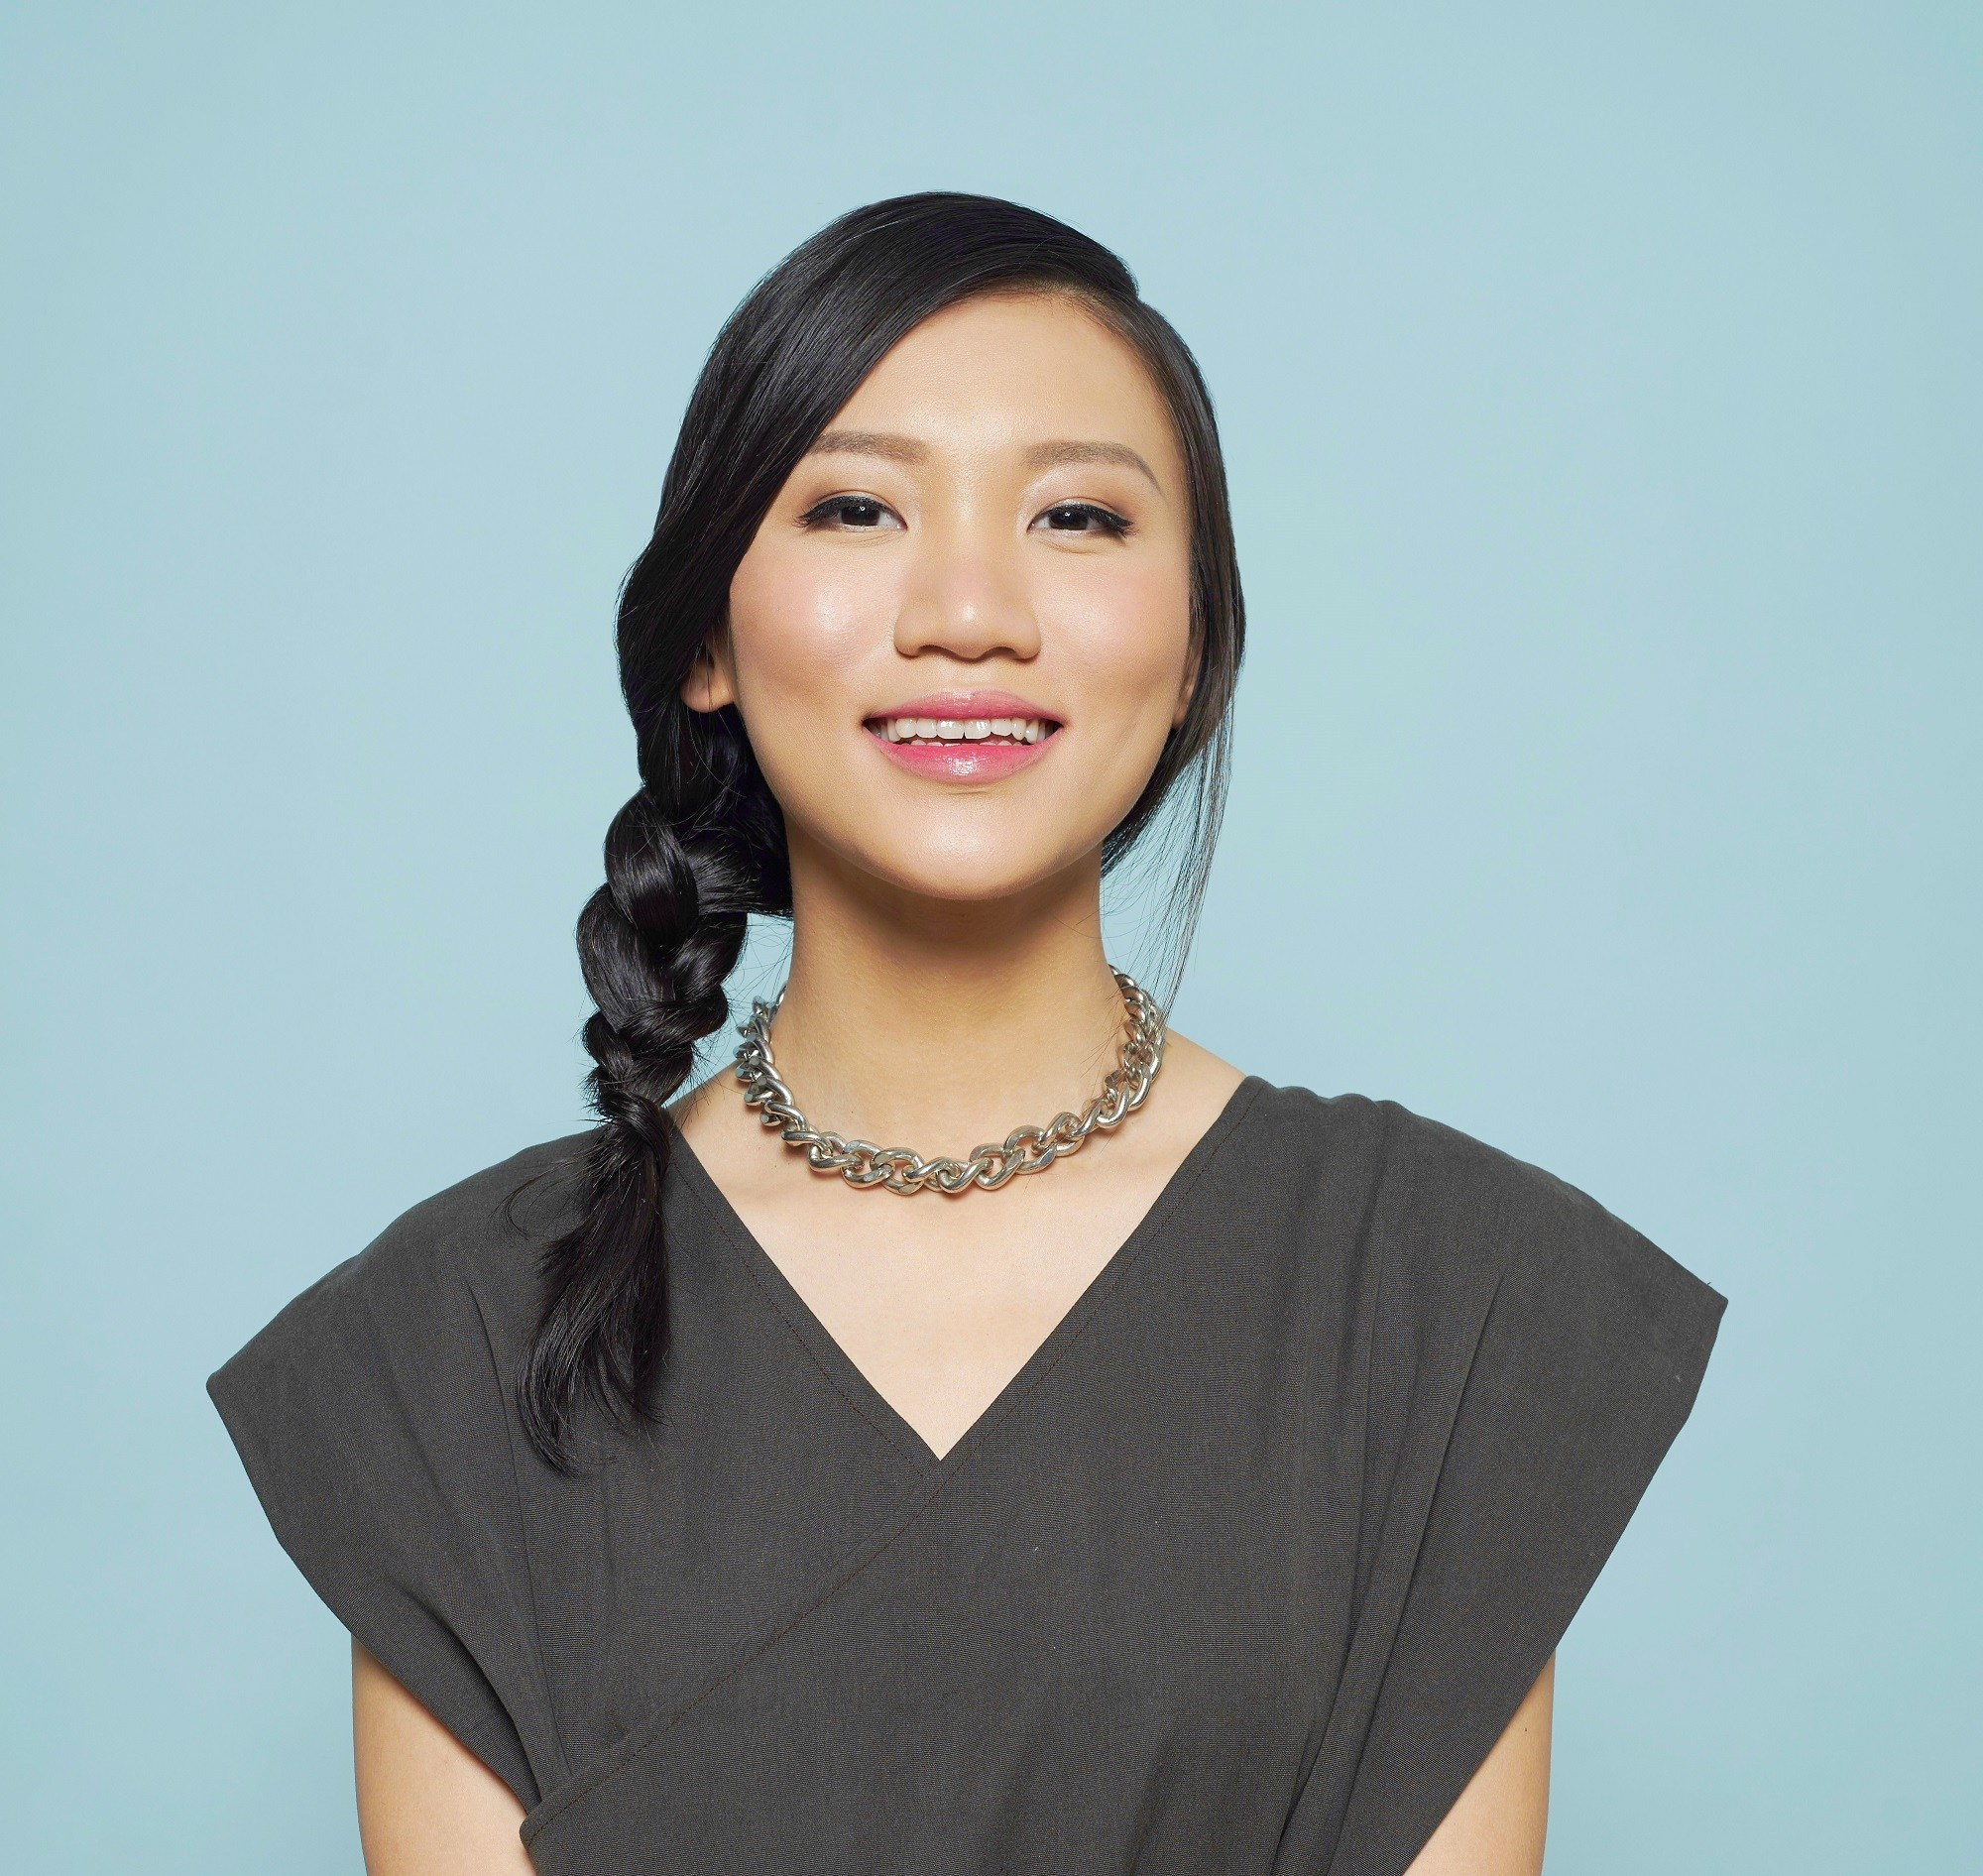 Pretty braids: Closeup shot of an Asian woman with long black hair in a side braid